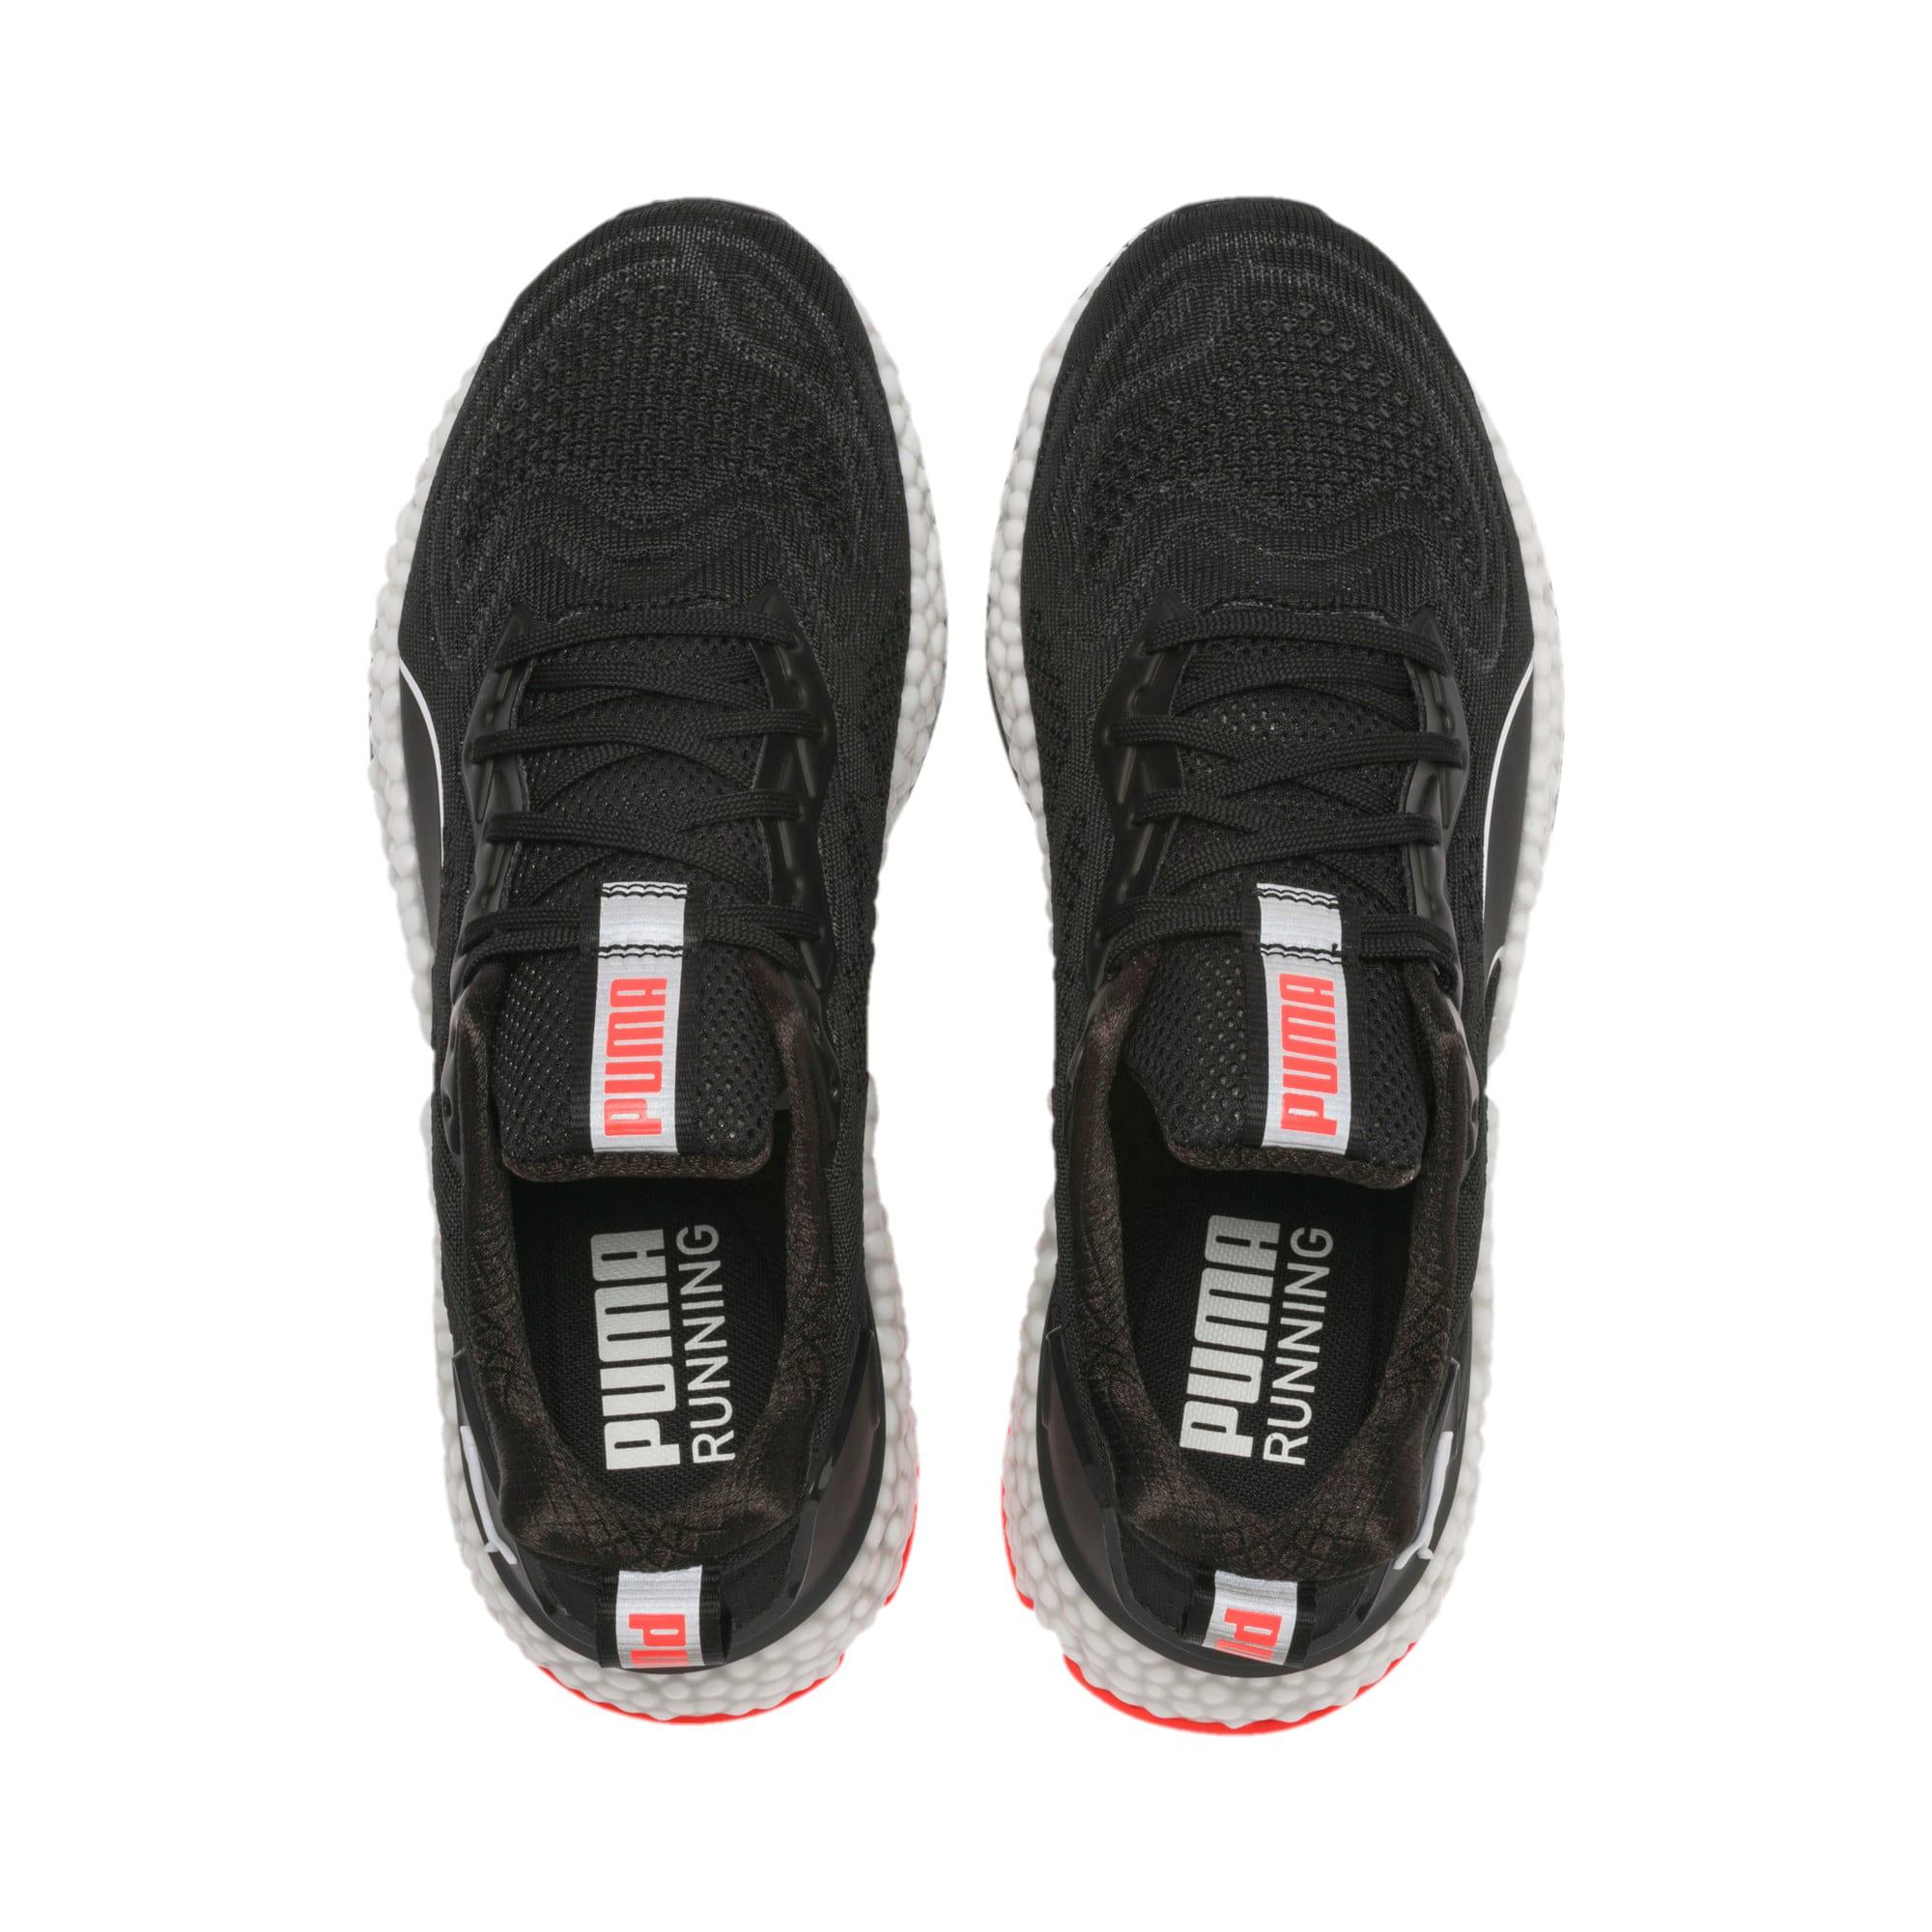 Thumbnail 7 of HYBRID SPEED Orbiter Women's Running Shoes, Black-Red-Milky Blue-White, medium